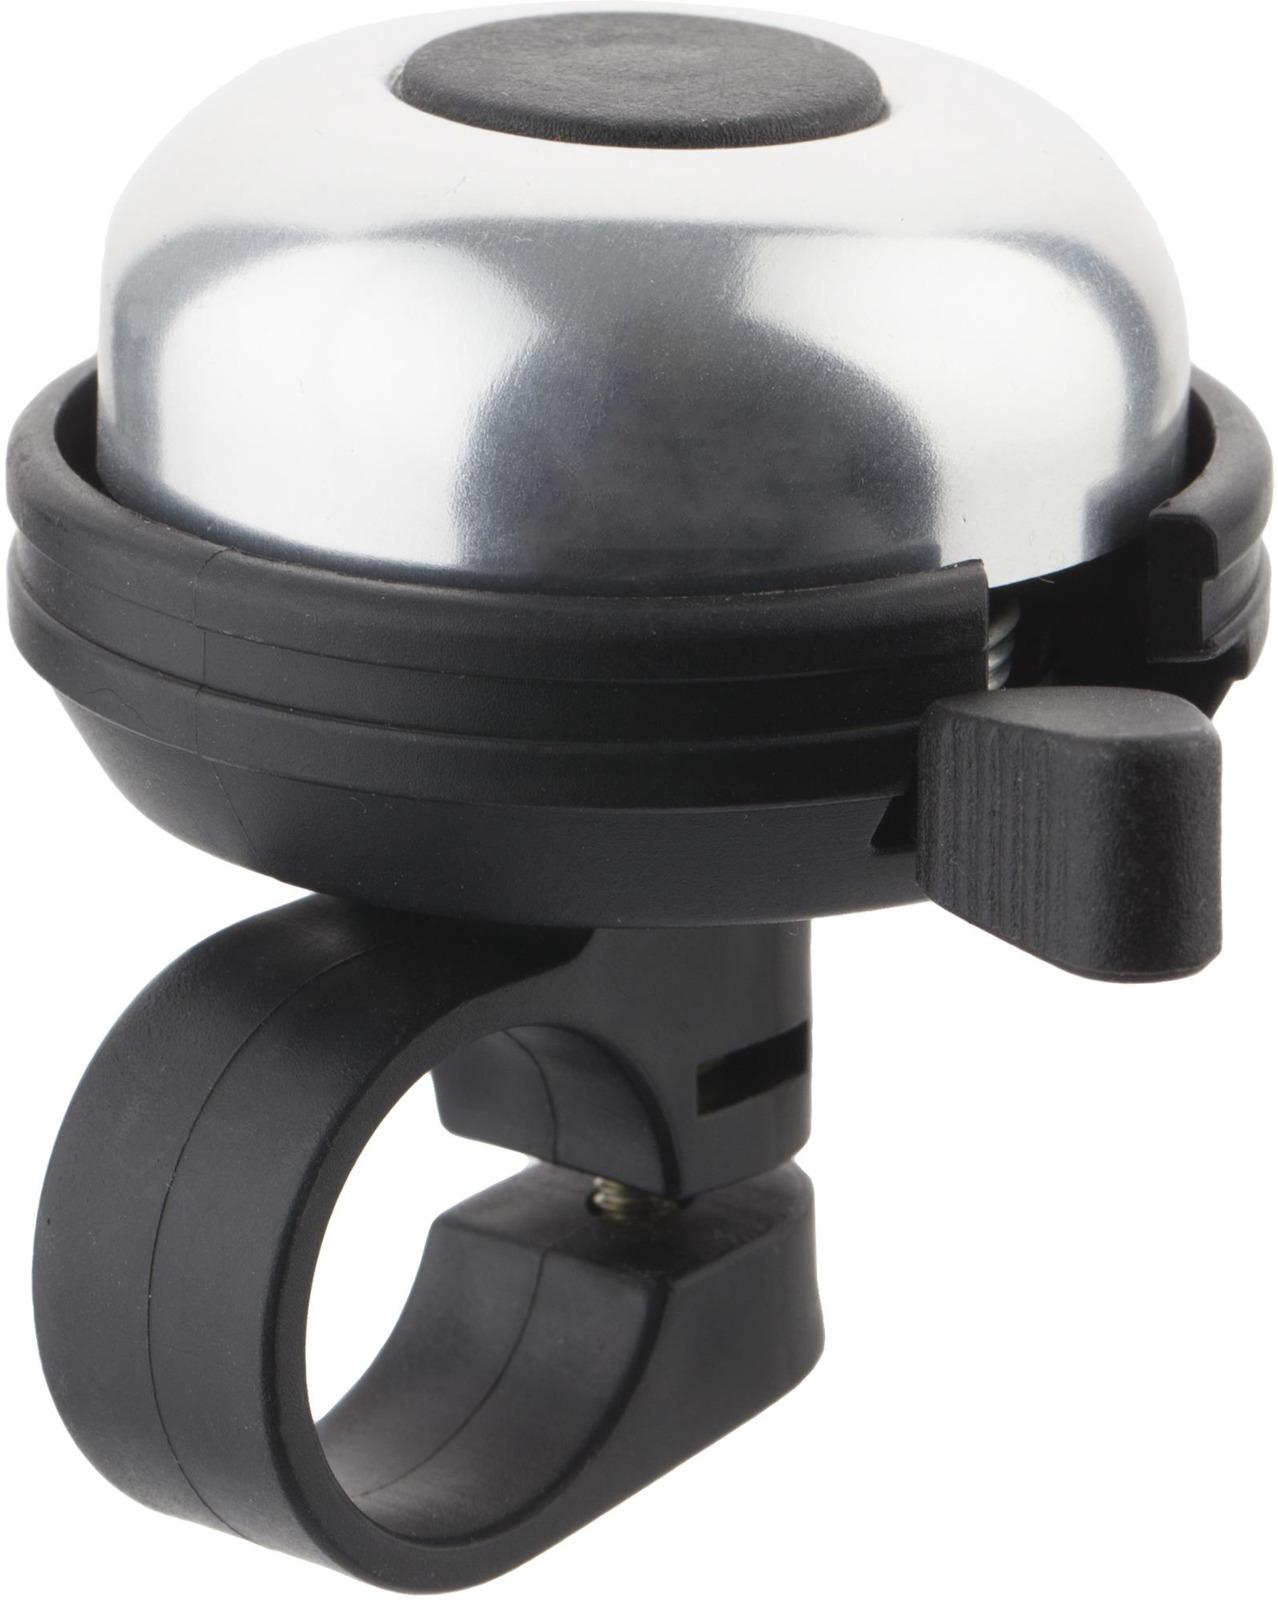 цена на Звонок велосипедный Stern CR-1B Bell, серебристый